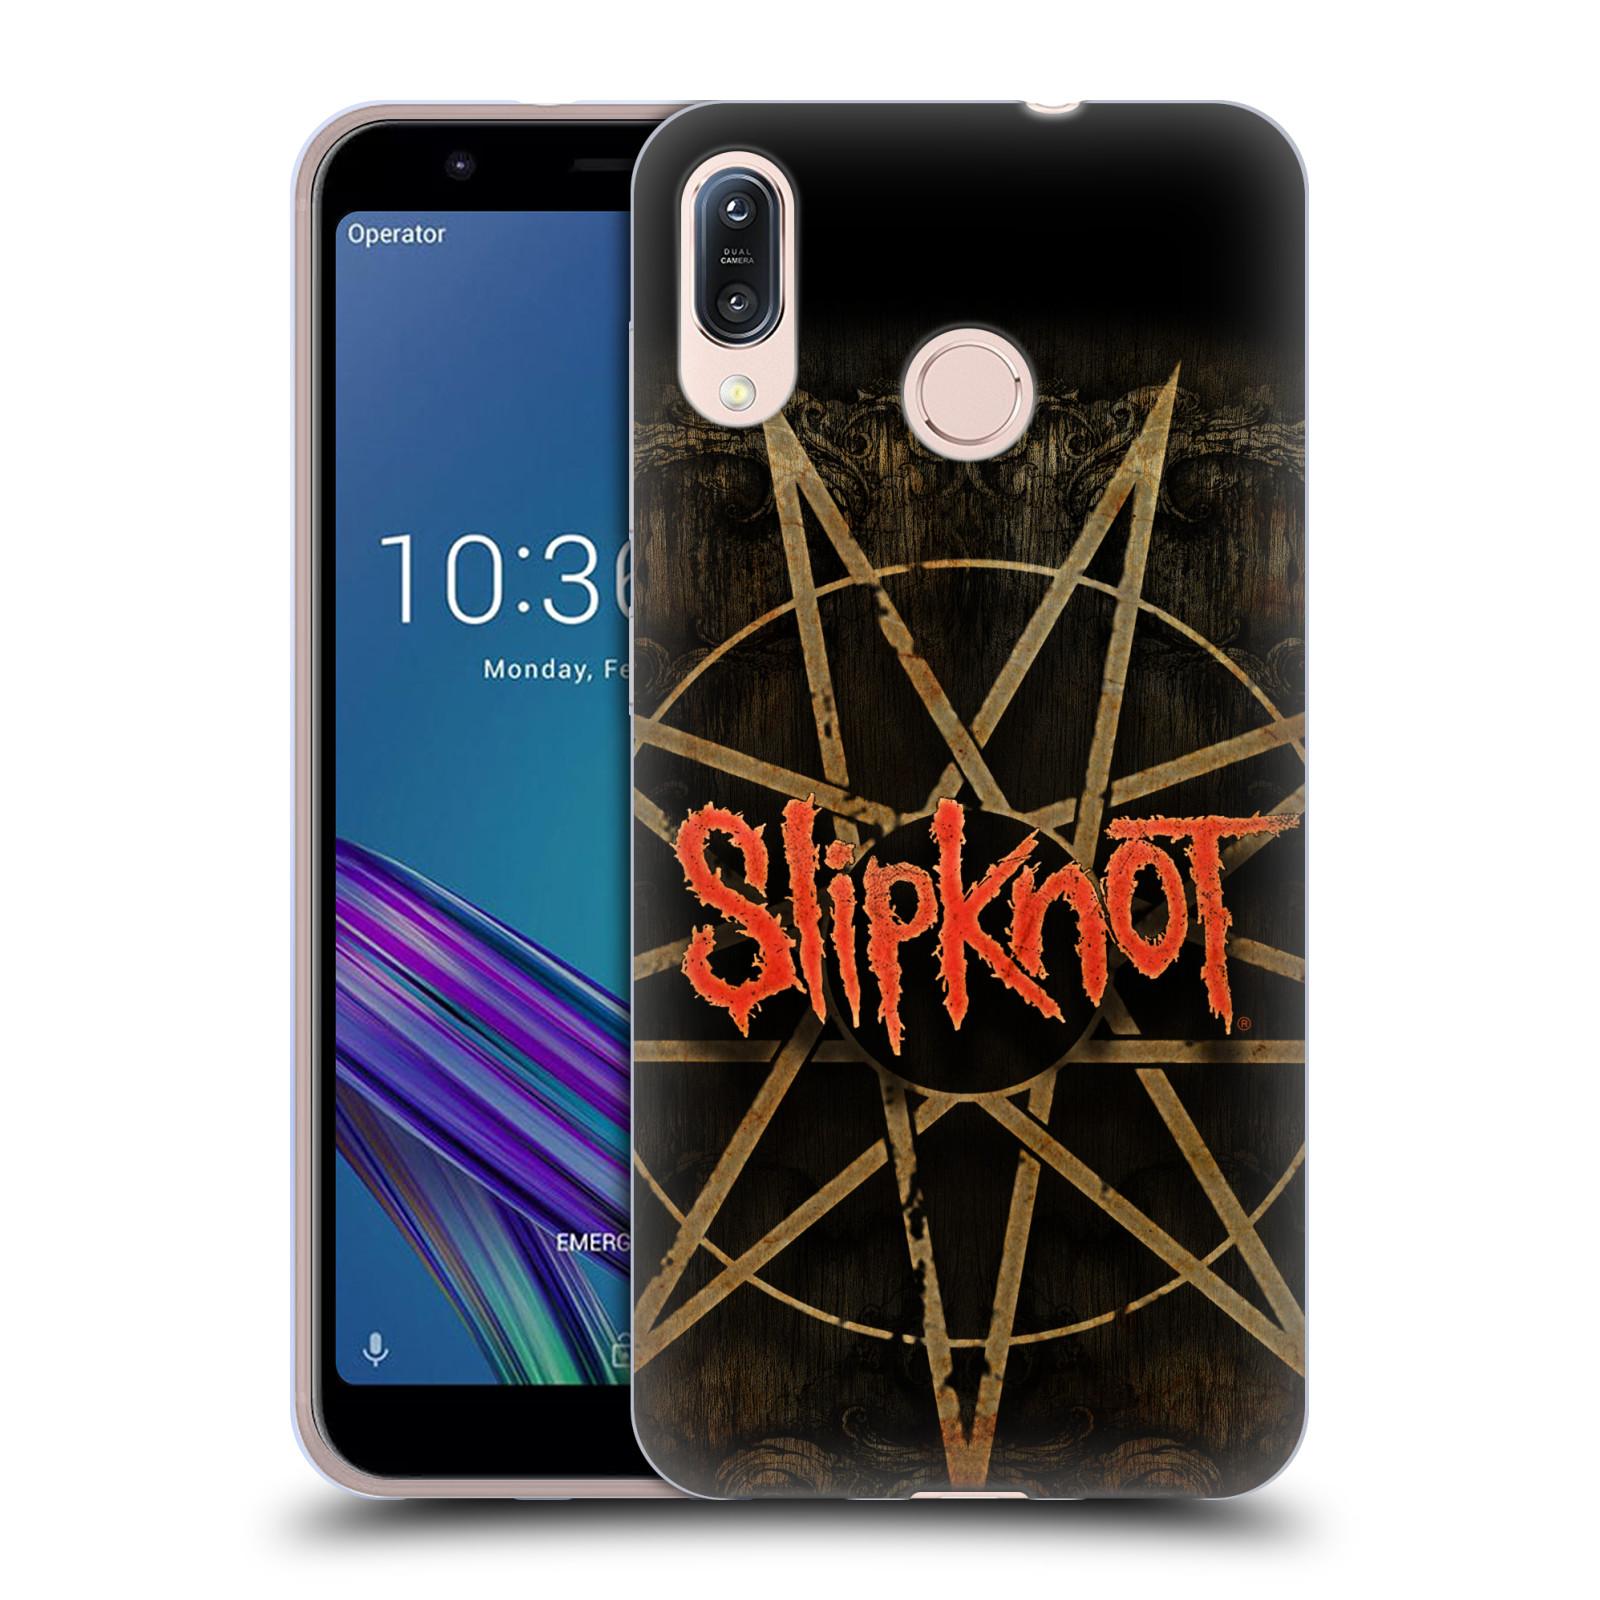 Silikonové pouzdro na mobil Asus Zenfone Max M1 ZB555KL - Head Case - Slipknot - Znak